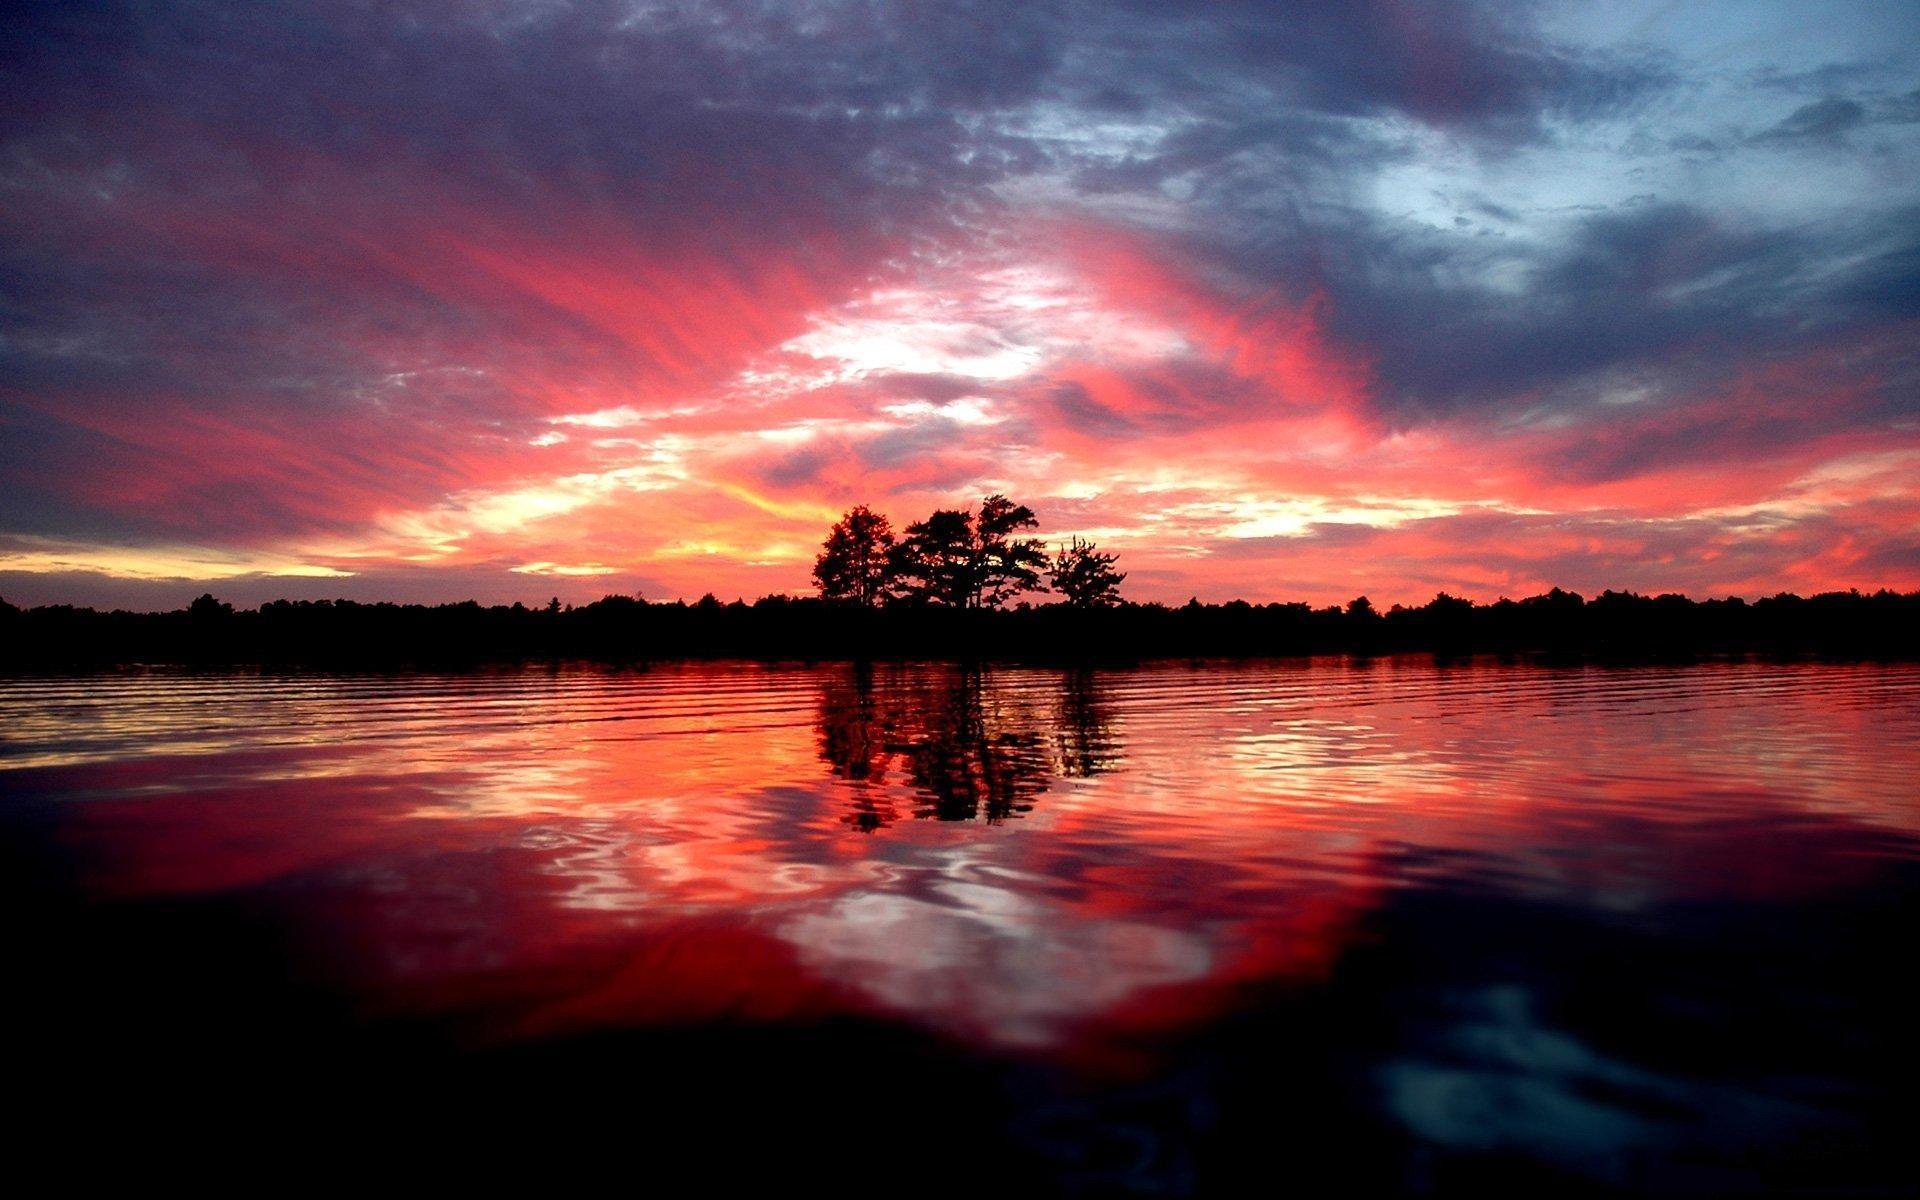 природа отражение вечер деревья корабли бесплатно